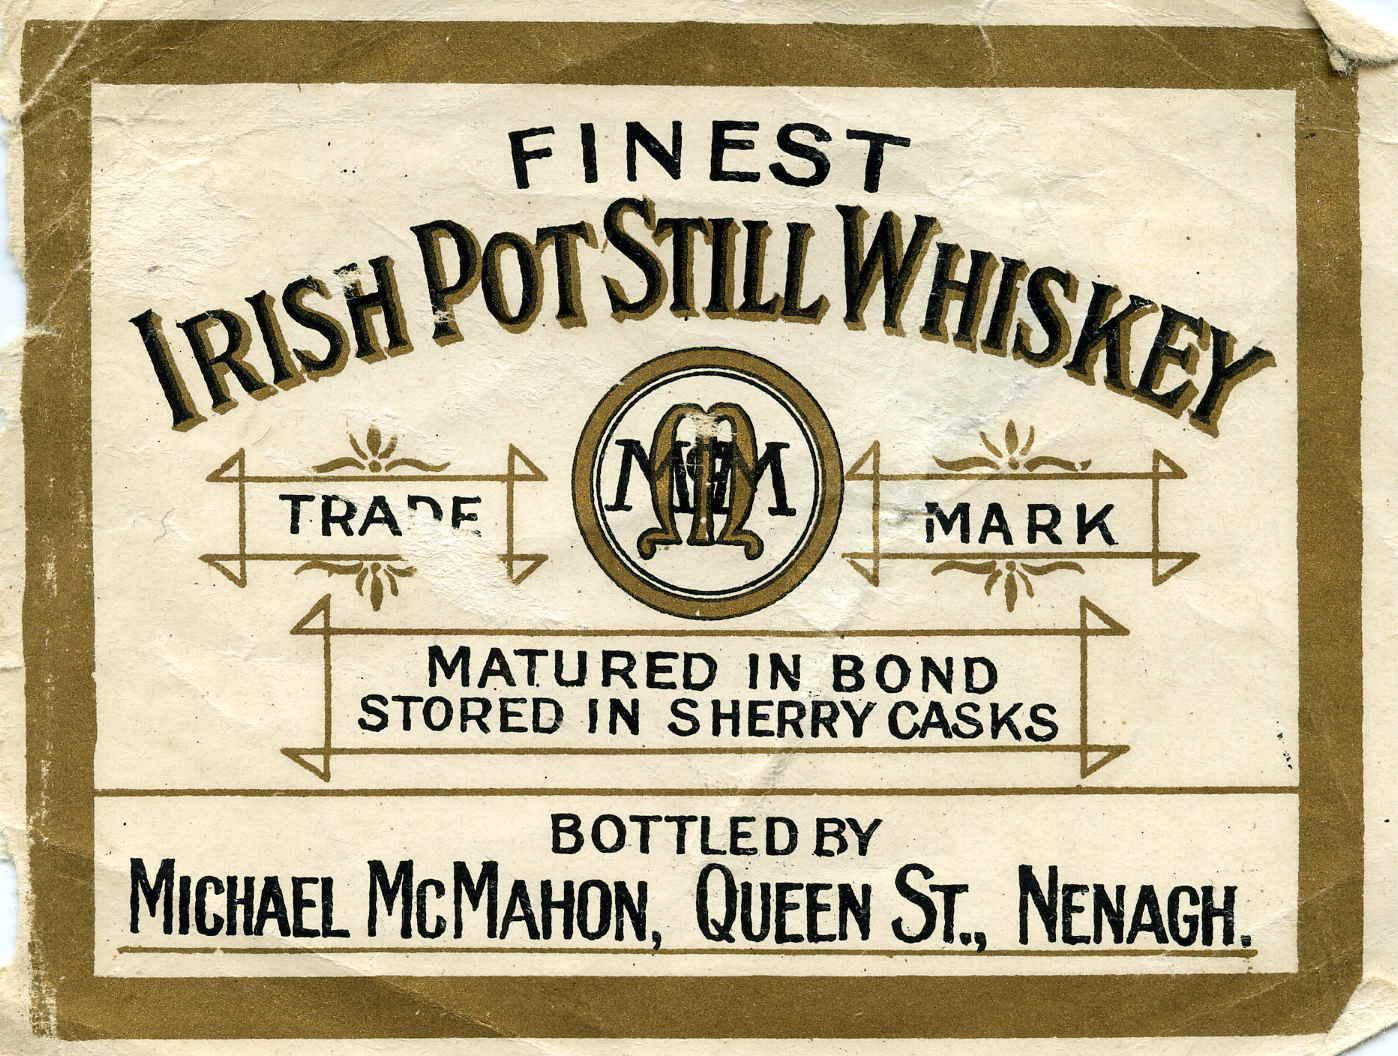 Vintage Scotch Whisky Label